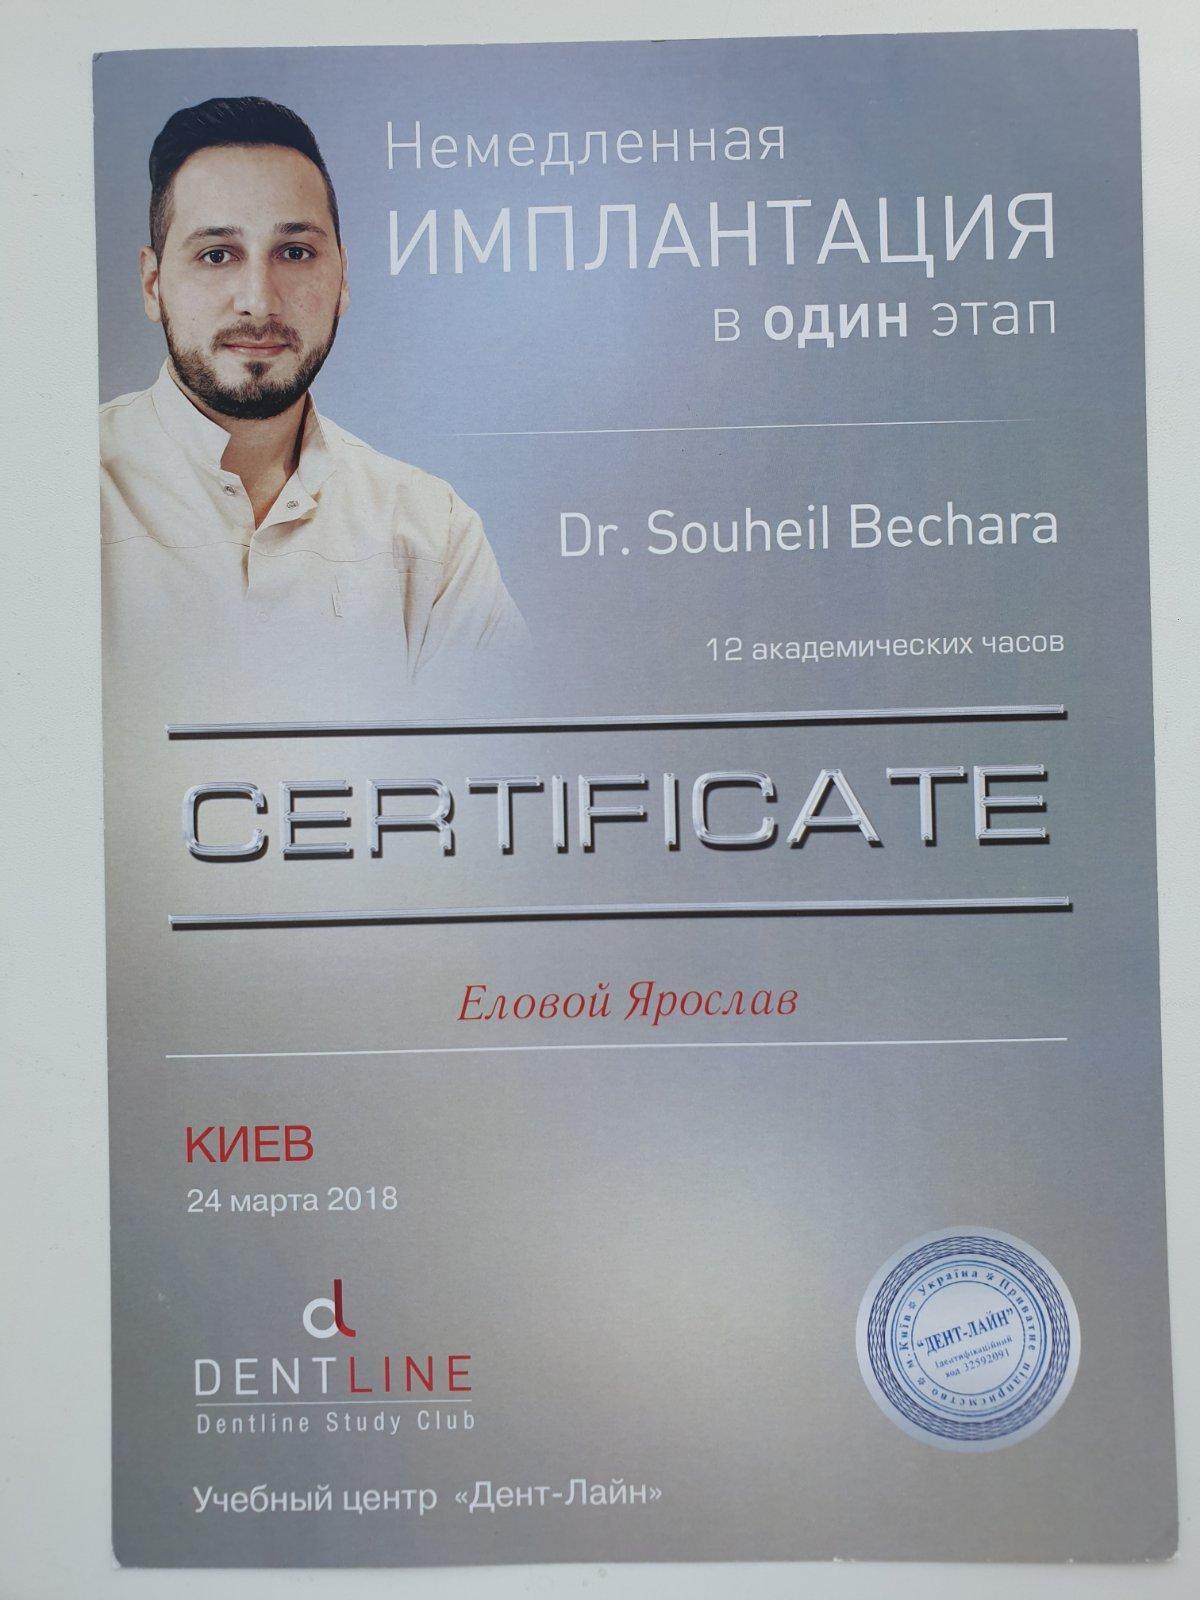 Сертификат выданный Еловому Ярославу Михайловичу о прохождении курса доктора Souheil Bechara - Немедленная имплантация в один этап